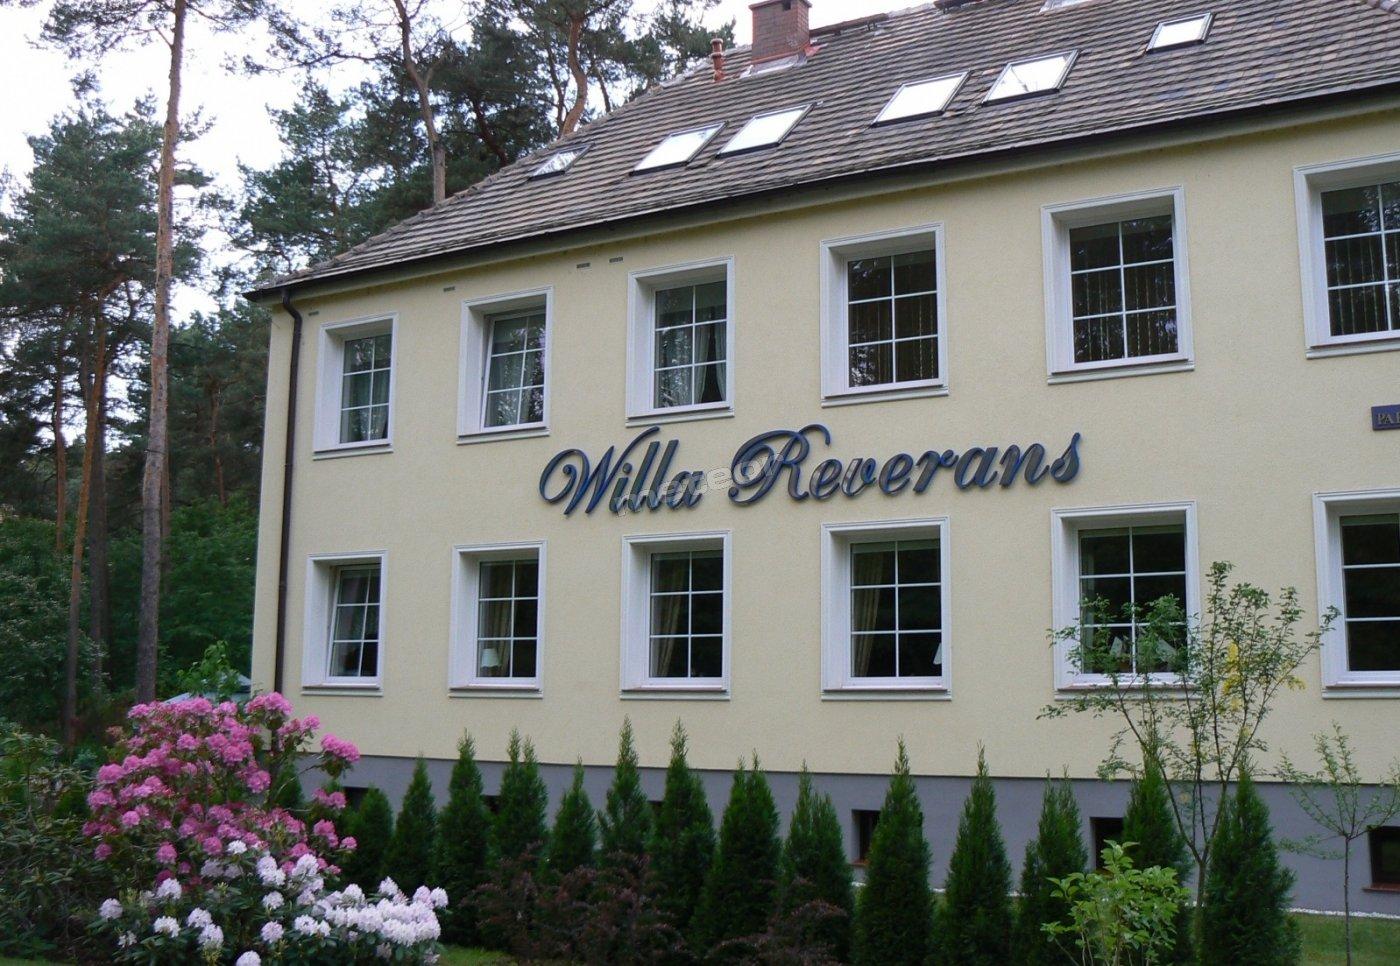 Willa Reverans